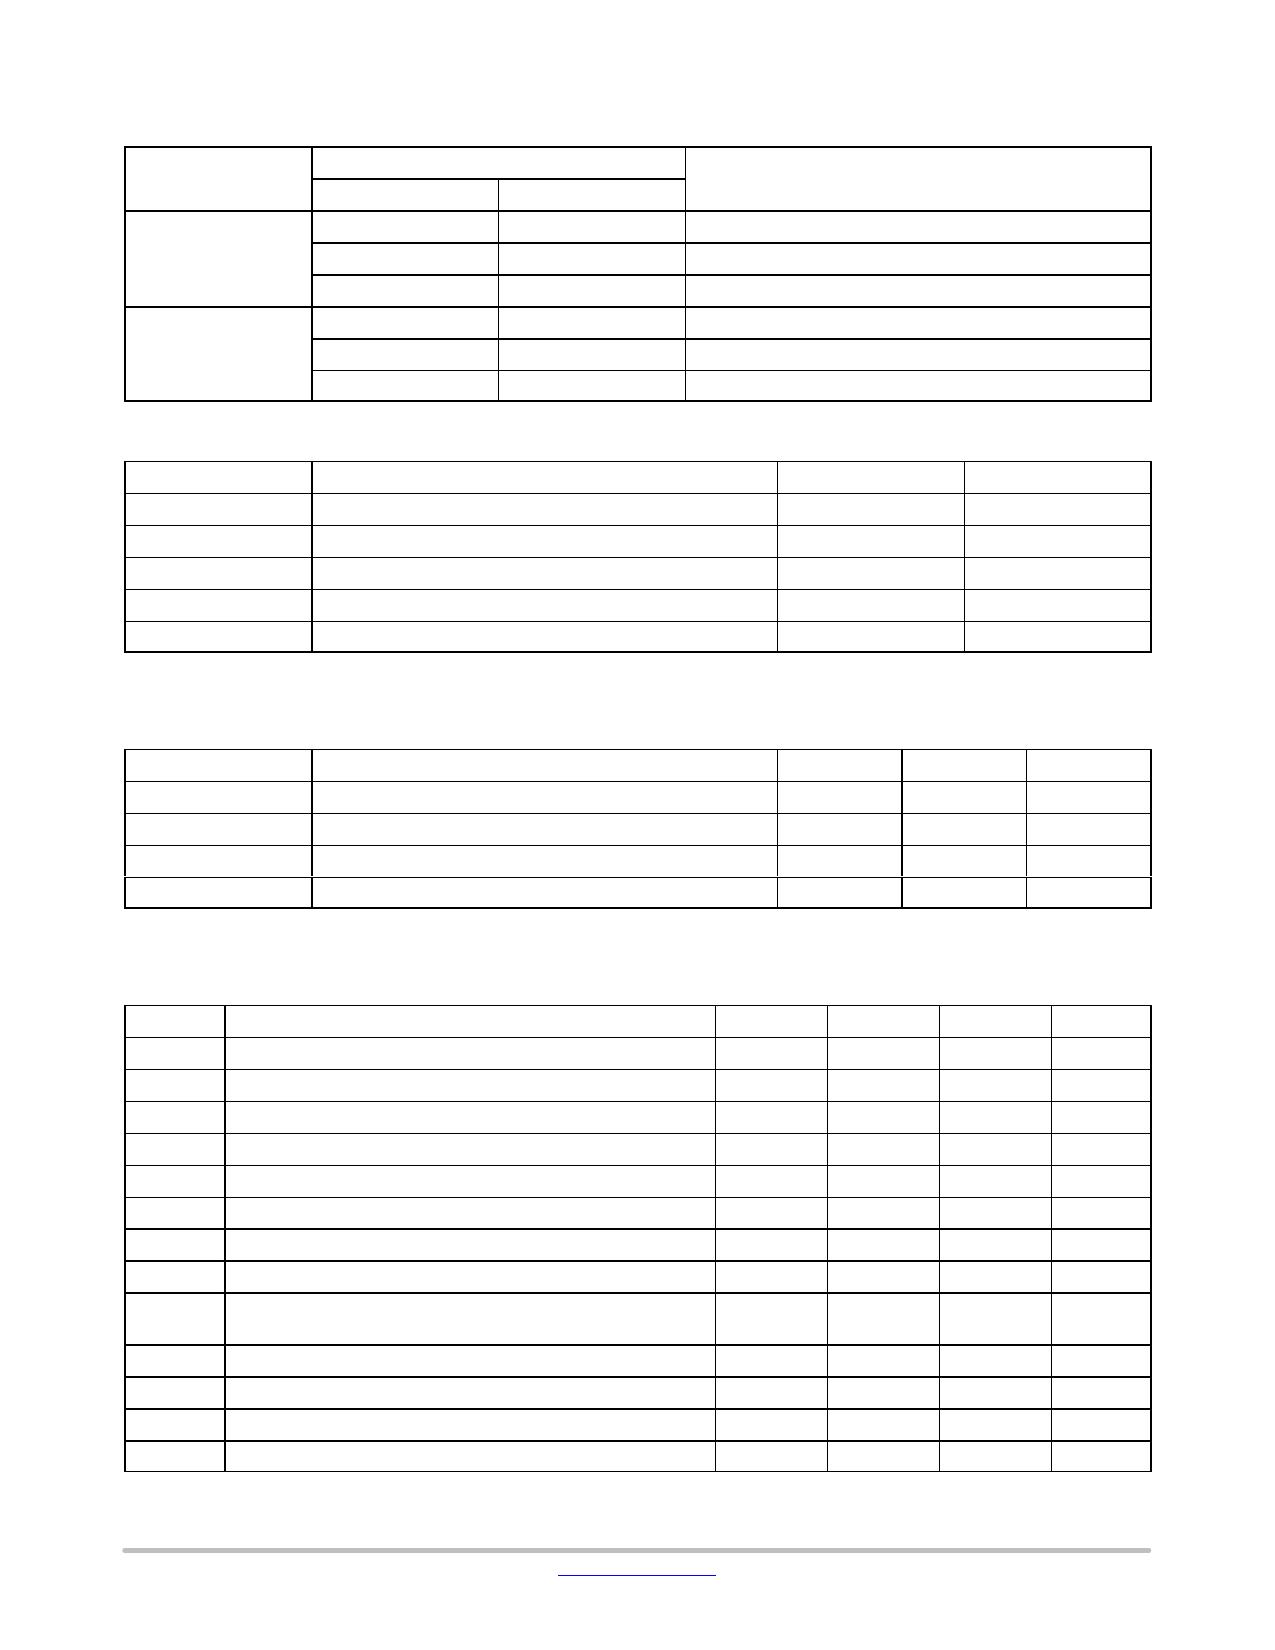 ASM3P2180A pdf, ピン配列